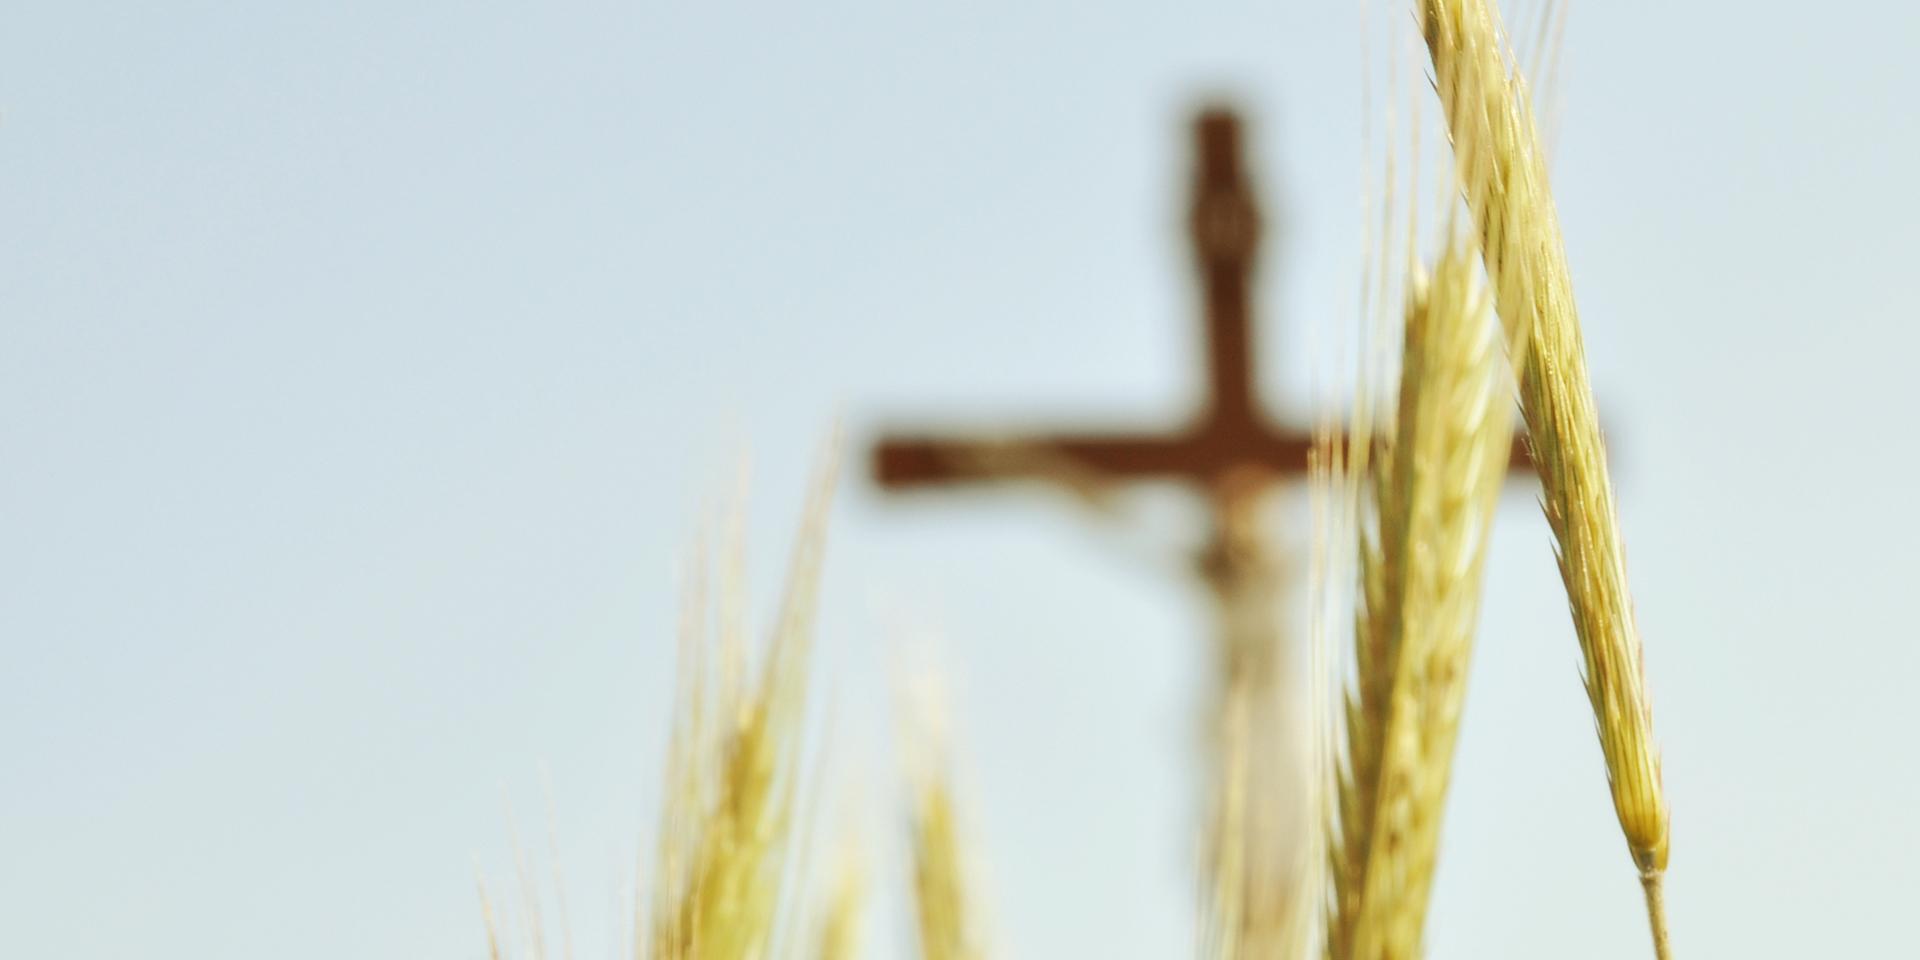 Weizenähre mit einem Holzkreuz